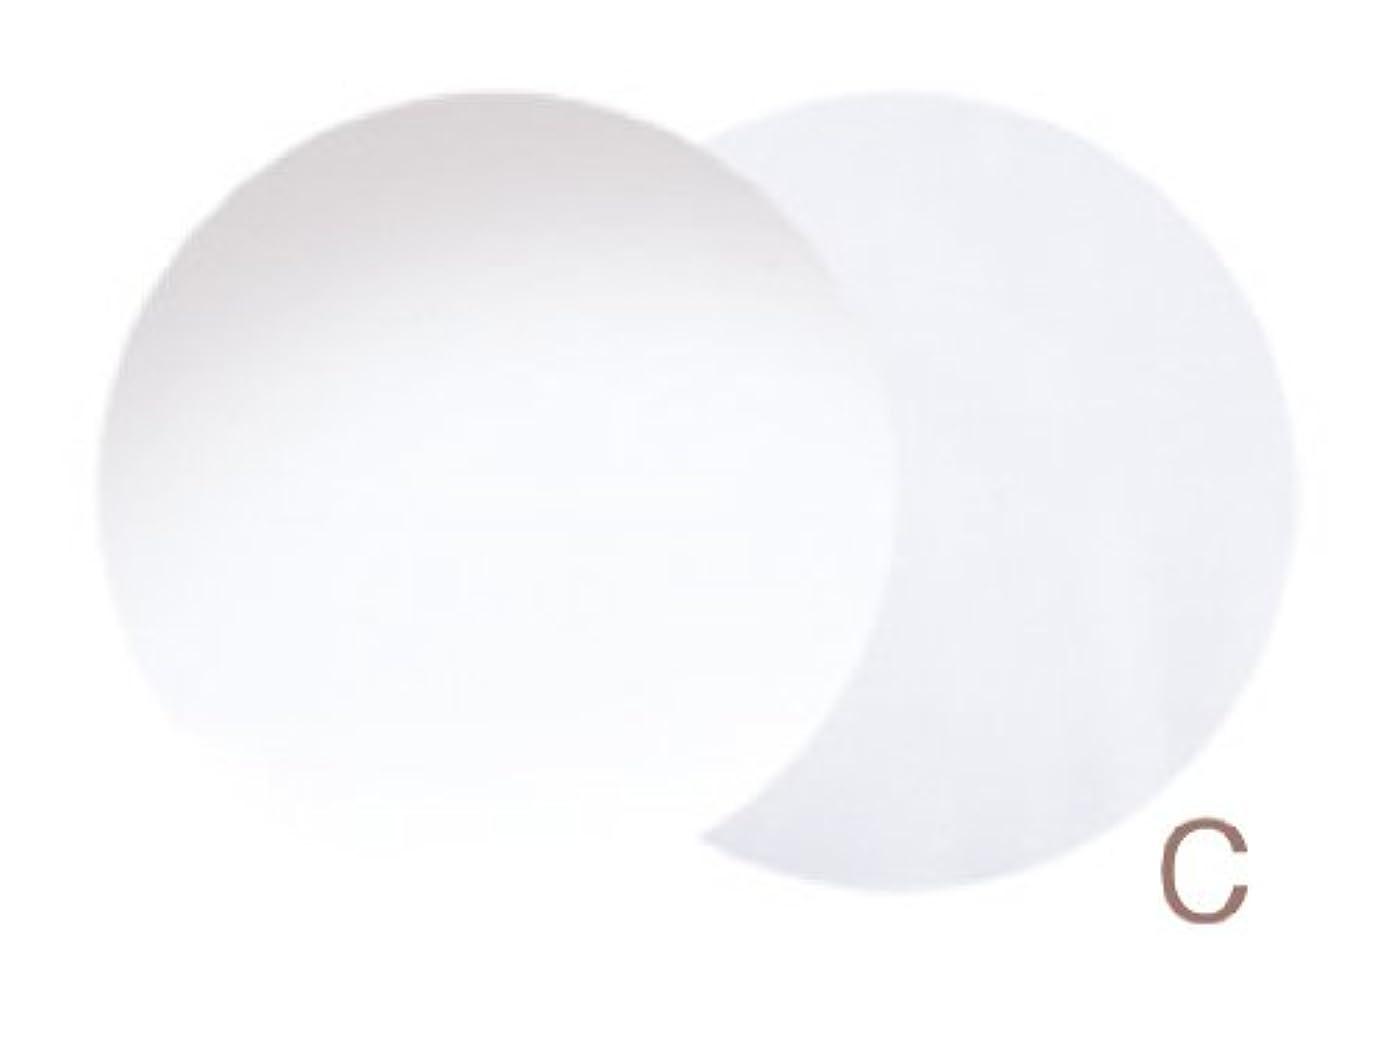 特徴テクトニック復活するアクセンツ UL 601 ホワイト 4g